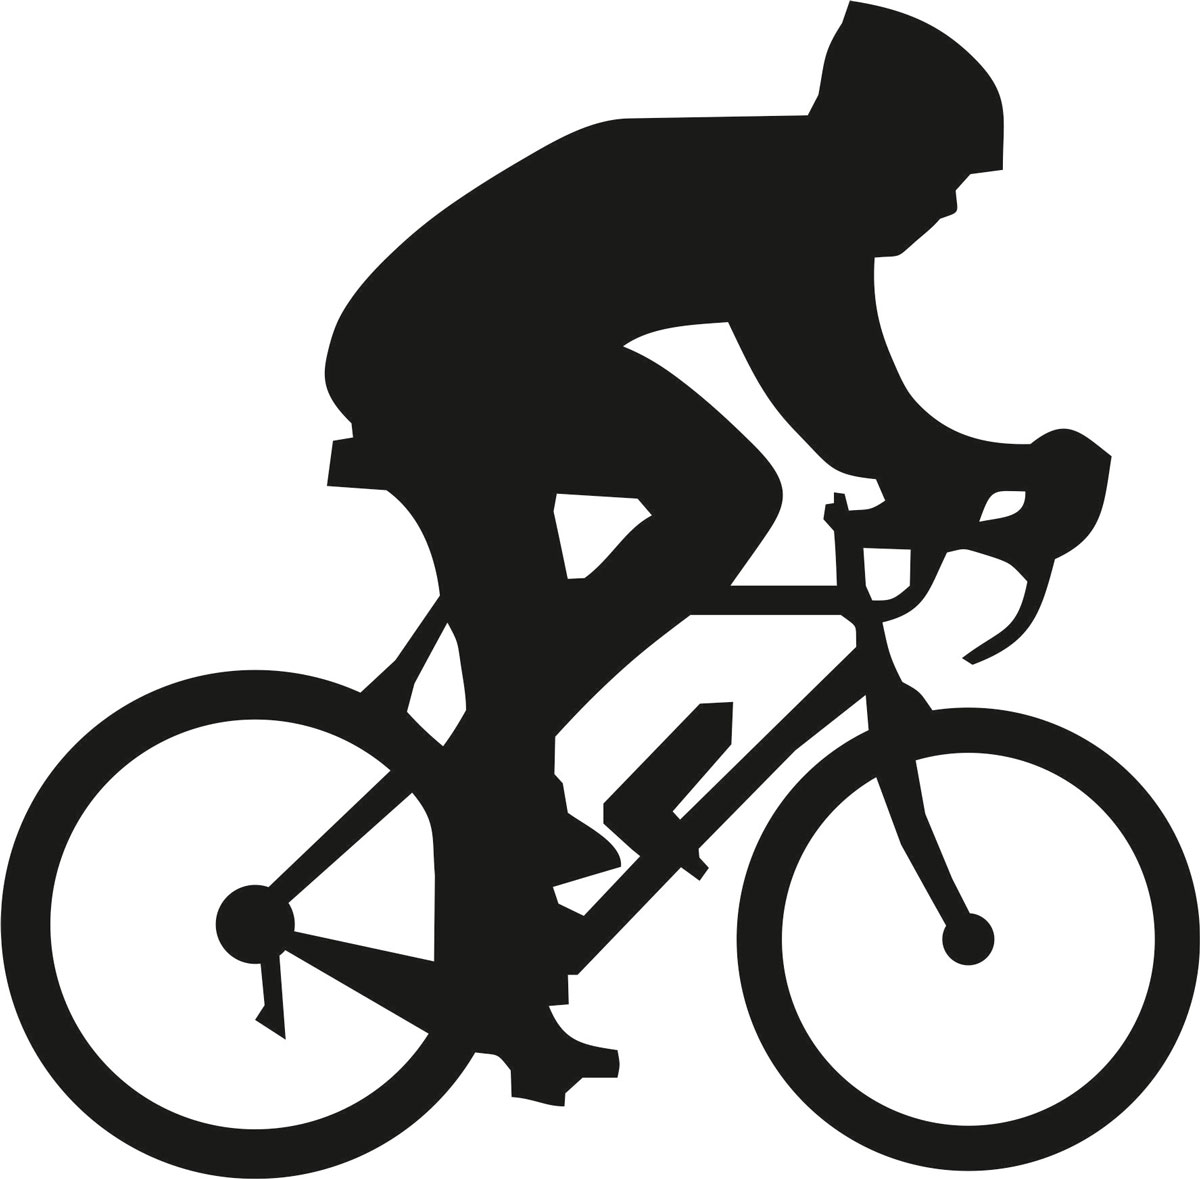 Наклейка автомобильная Оранжевый слоник Велосипедист 1, виниловая, цвет: черныйВетерок 2ГФОригинальная наклейка Оранжевый слоник Велосипедист 1 изготовлена из высококачественного винила, который выполняет не только декоративную функцию, но и защищает кузов от небольших механических повреждений, либо скрывает уже существующие.Виниловые наклейки на авто - это не только красиво, но еще и быстро! Всего за несколько минут вы можете полностью преобразить свой автомобиль, сделать его ярким, необычным, особенным и неповторимым!